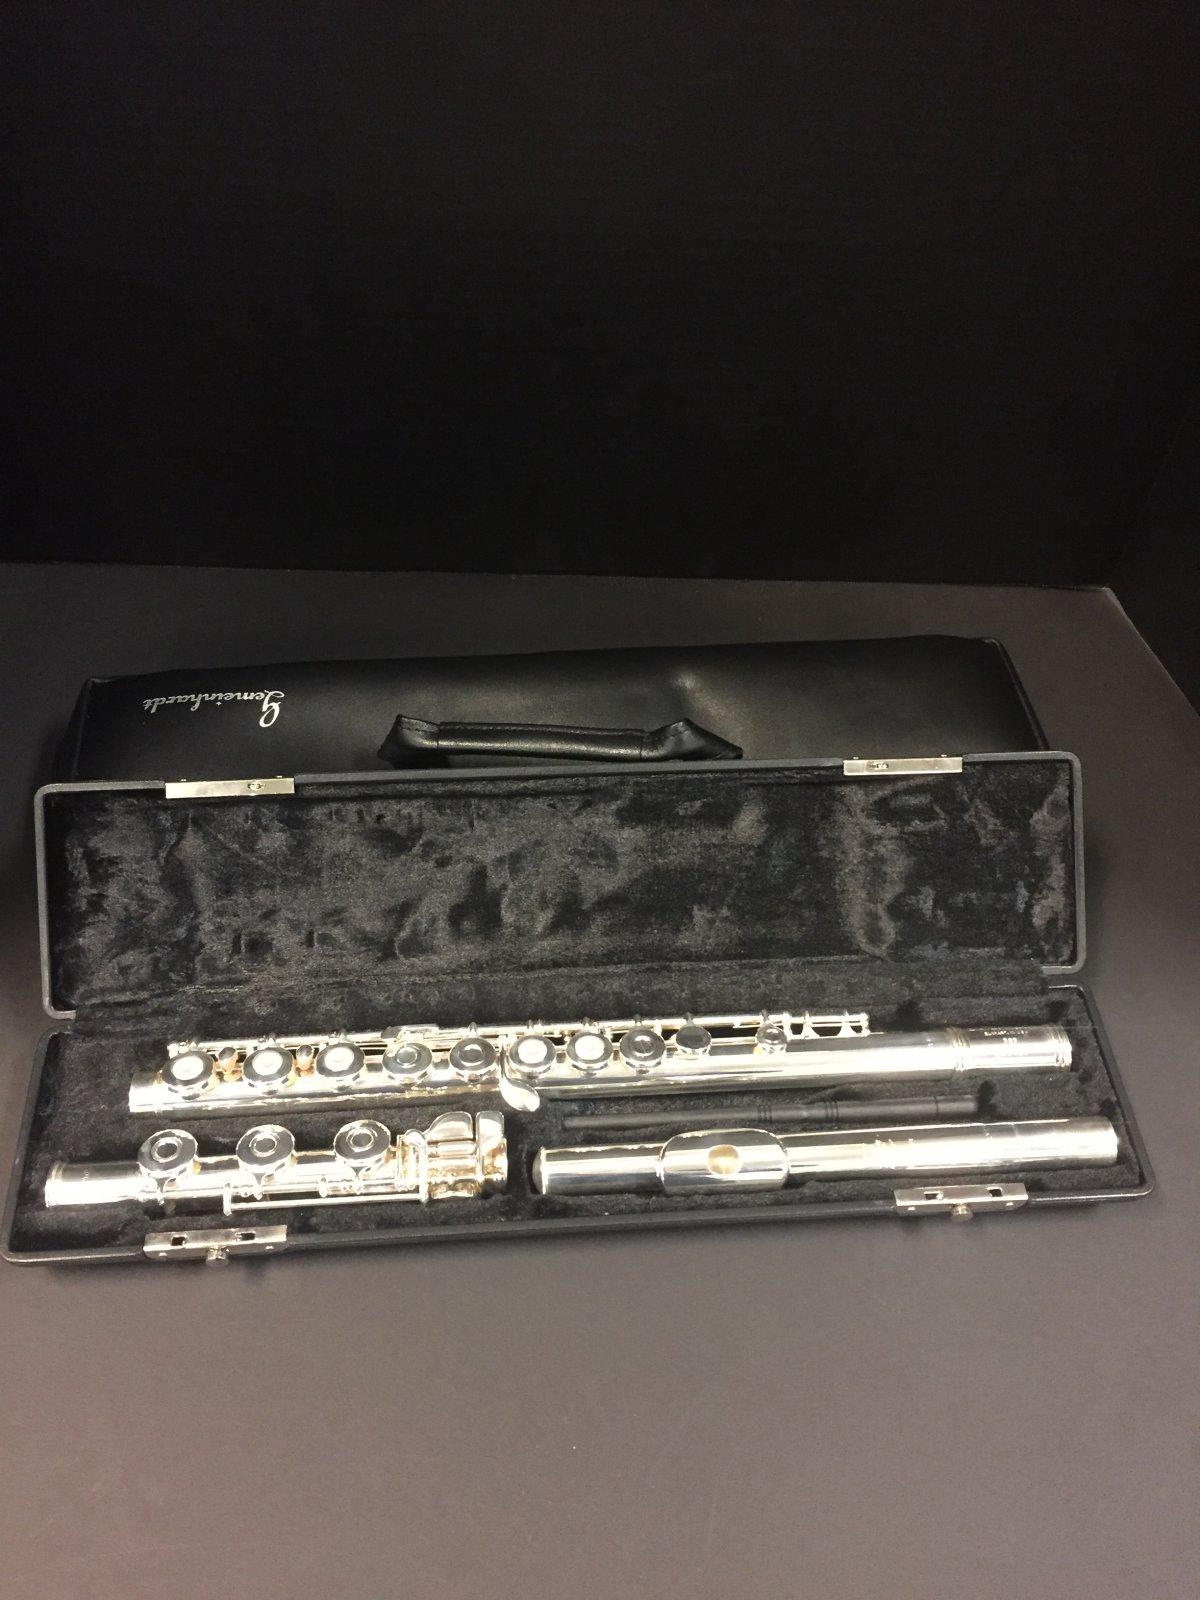 Gemeinhardt 3B Flute - Made in USA